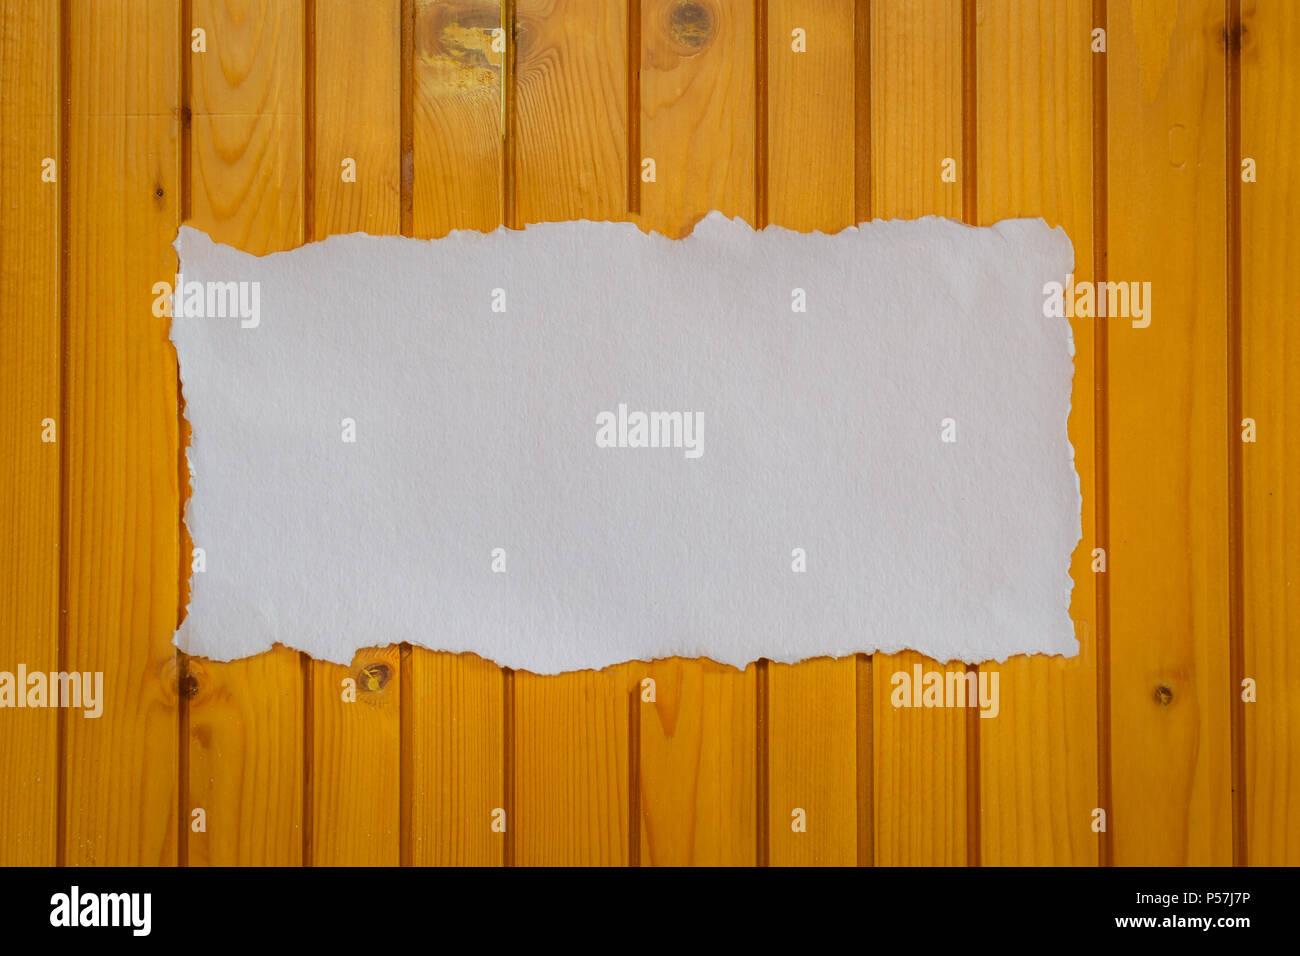 Hoja de papel blanco sobre un fondo de chapa de madera de amor notas y tarjetas de invitación Imagen De Stock